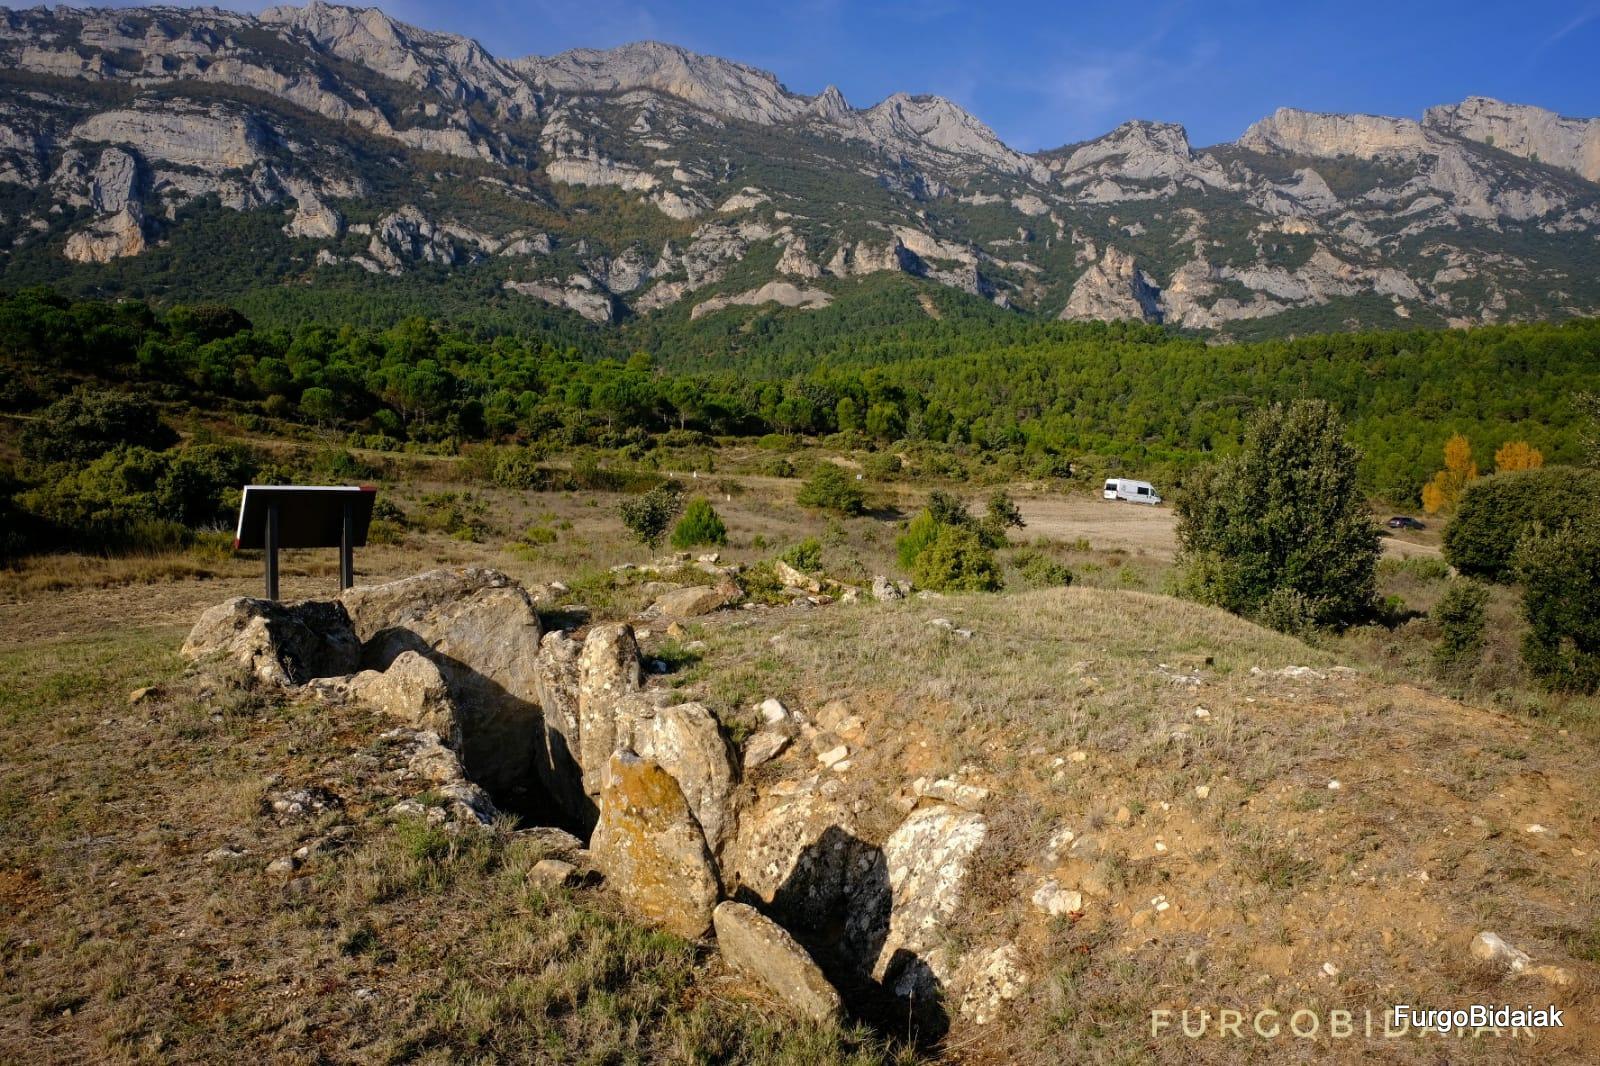 Dolmen de Layaza,Ruta de los dólmenes, Rioja Alavesa, Araba